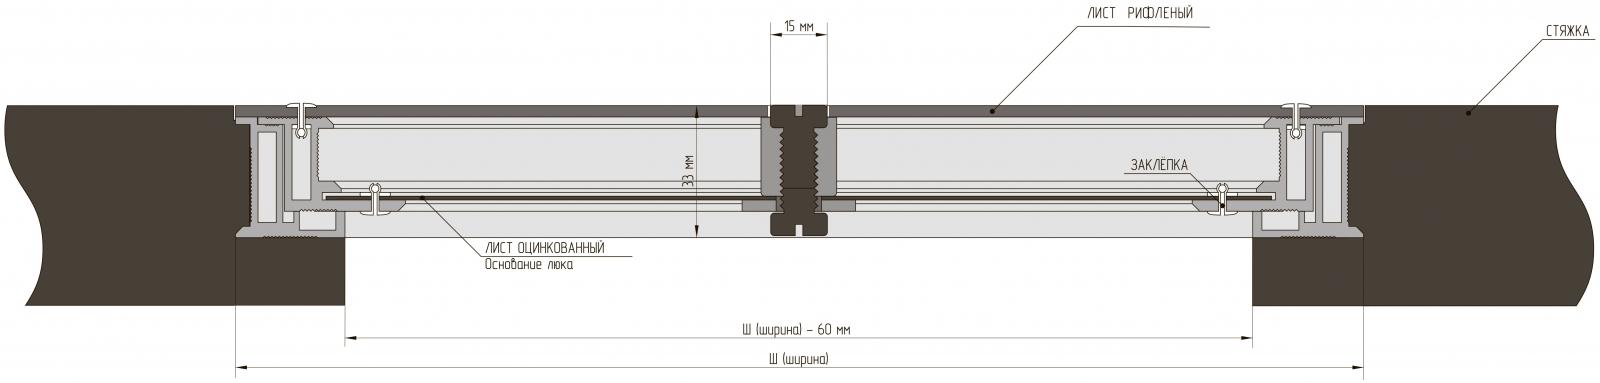 """Напольный люк с рифленой поверхностью """"Комфорт-Р"""" (Алкрафт) схема установки"""